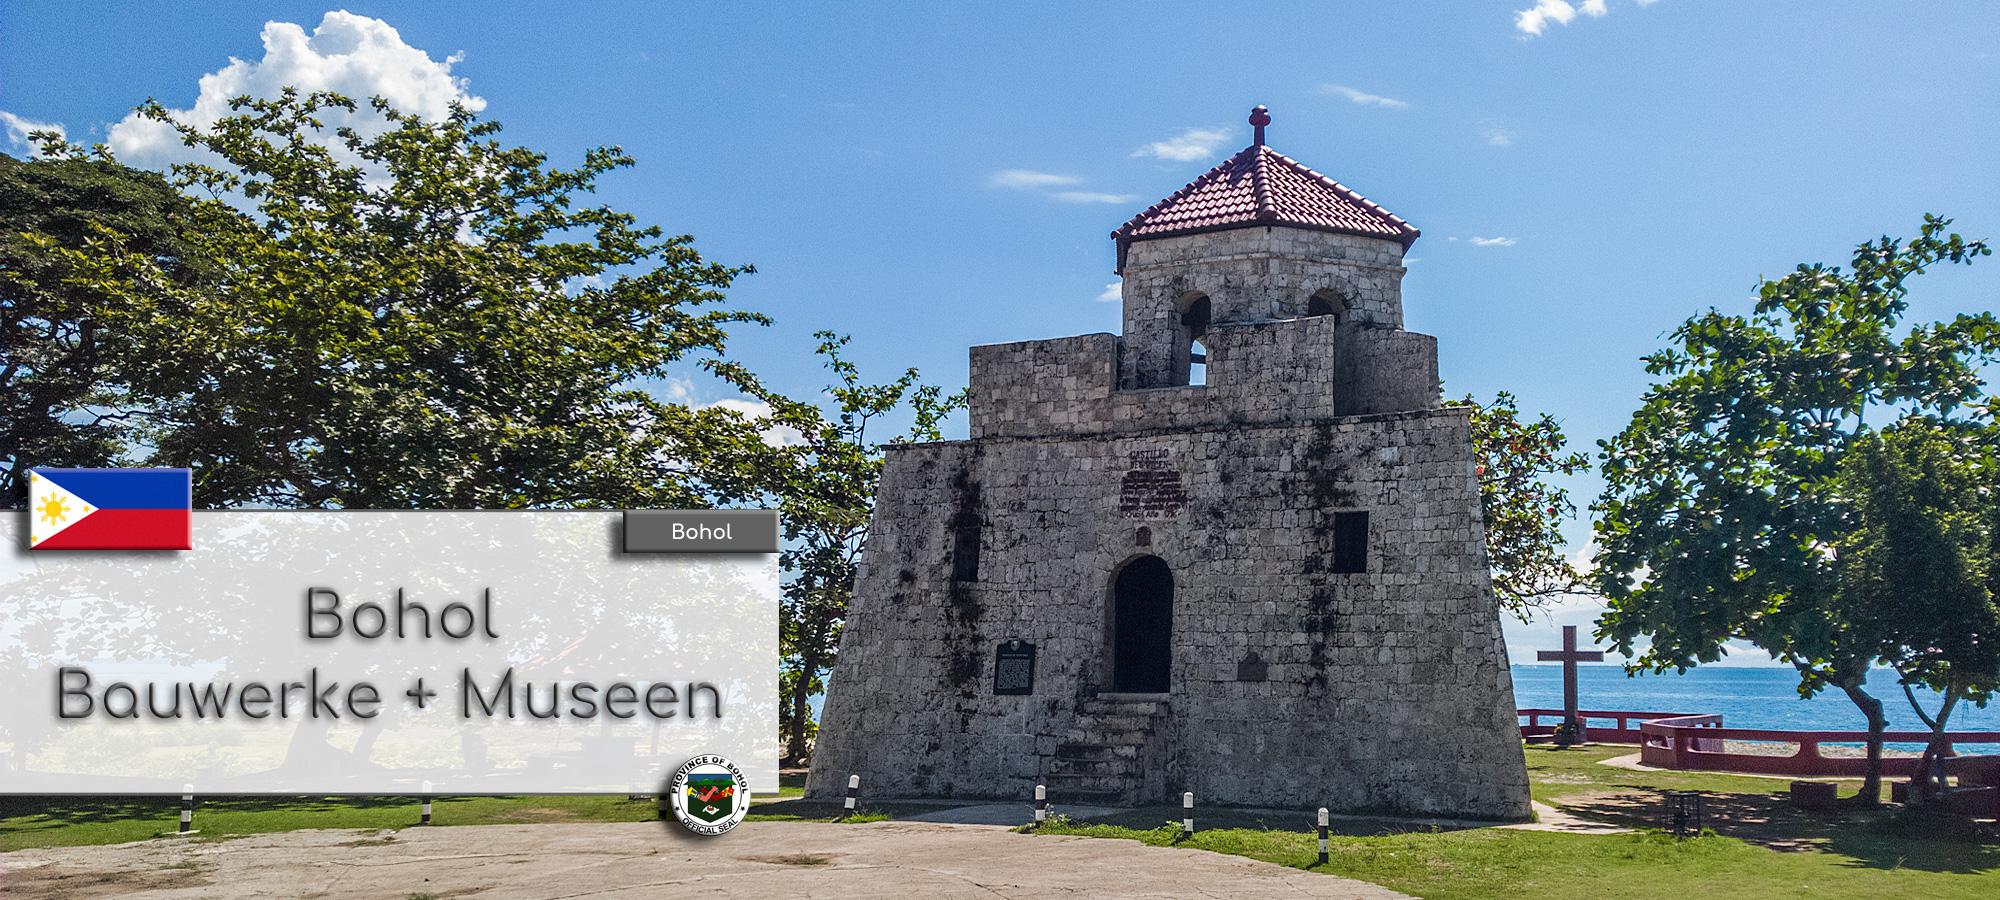 Der Watchtower Punta Cruz auf der Insel Bohol. Im Hintergrund ist das alte Kolzkreuz und das Meer zu sehe. Im Textfeld steht geschrieben: Bohol Bauwerke und Museen. Wappen der Philippinen und der Provinz Bohol.